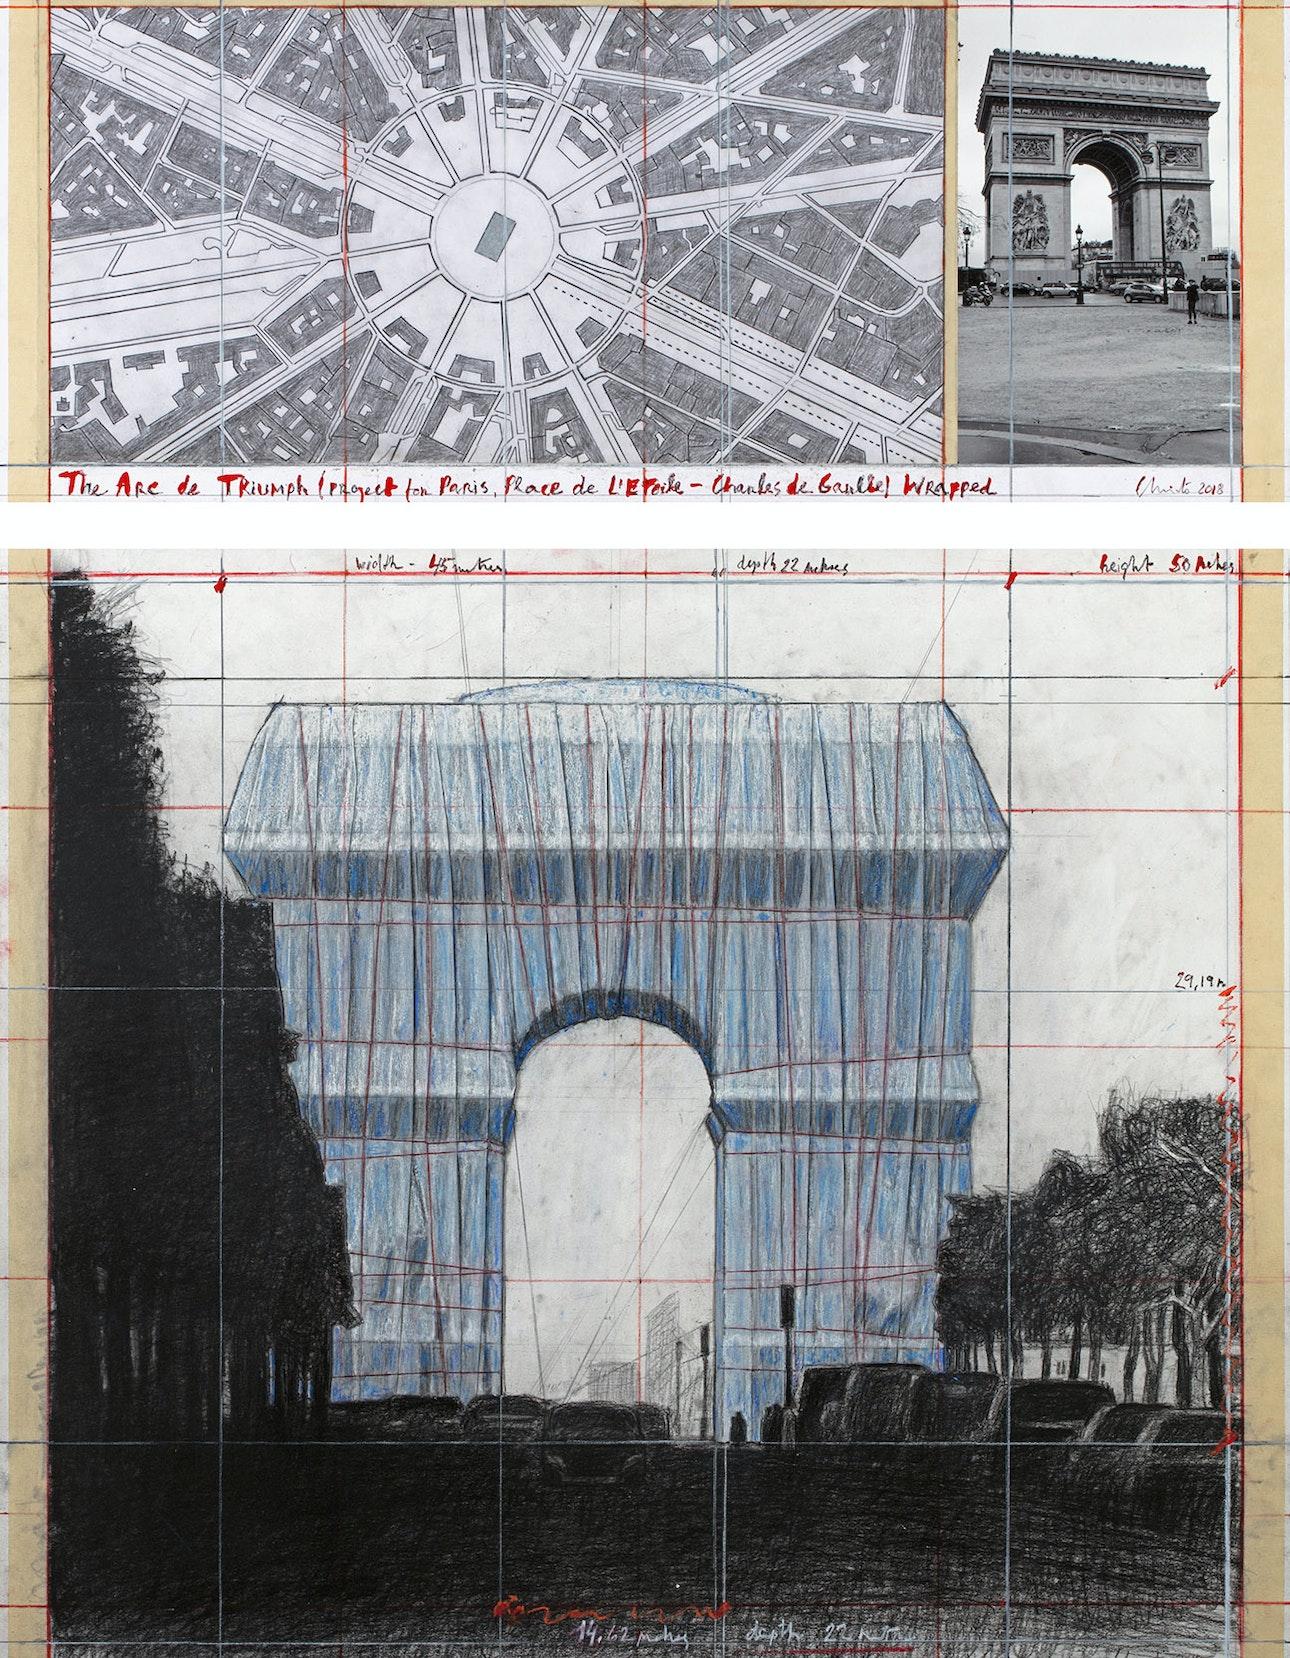 L'Arc de Triomphe, Wrapped - The Arc de Triumph (Project for Paris, Place de l'Etoile – Charles de Gaulle) Wrapped